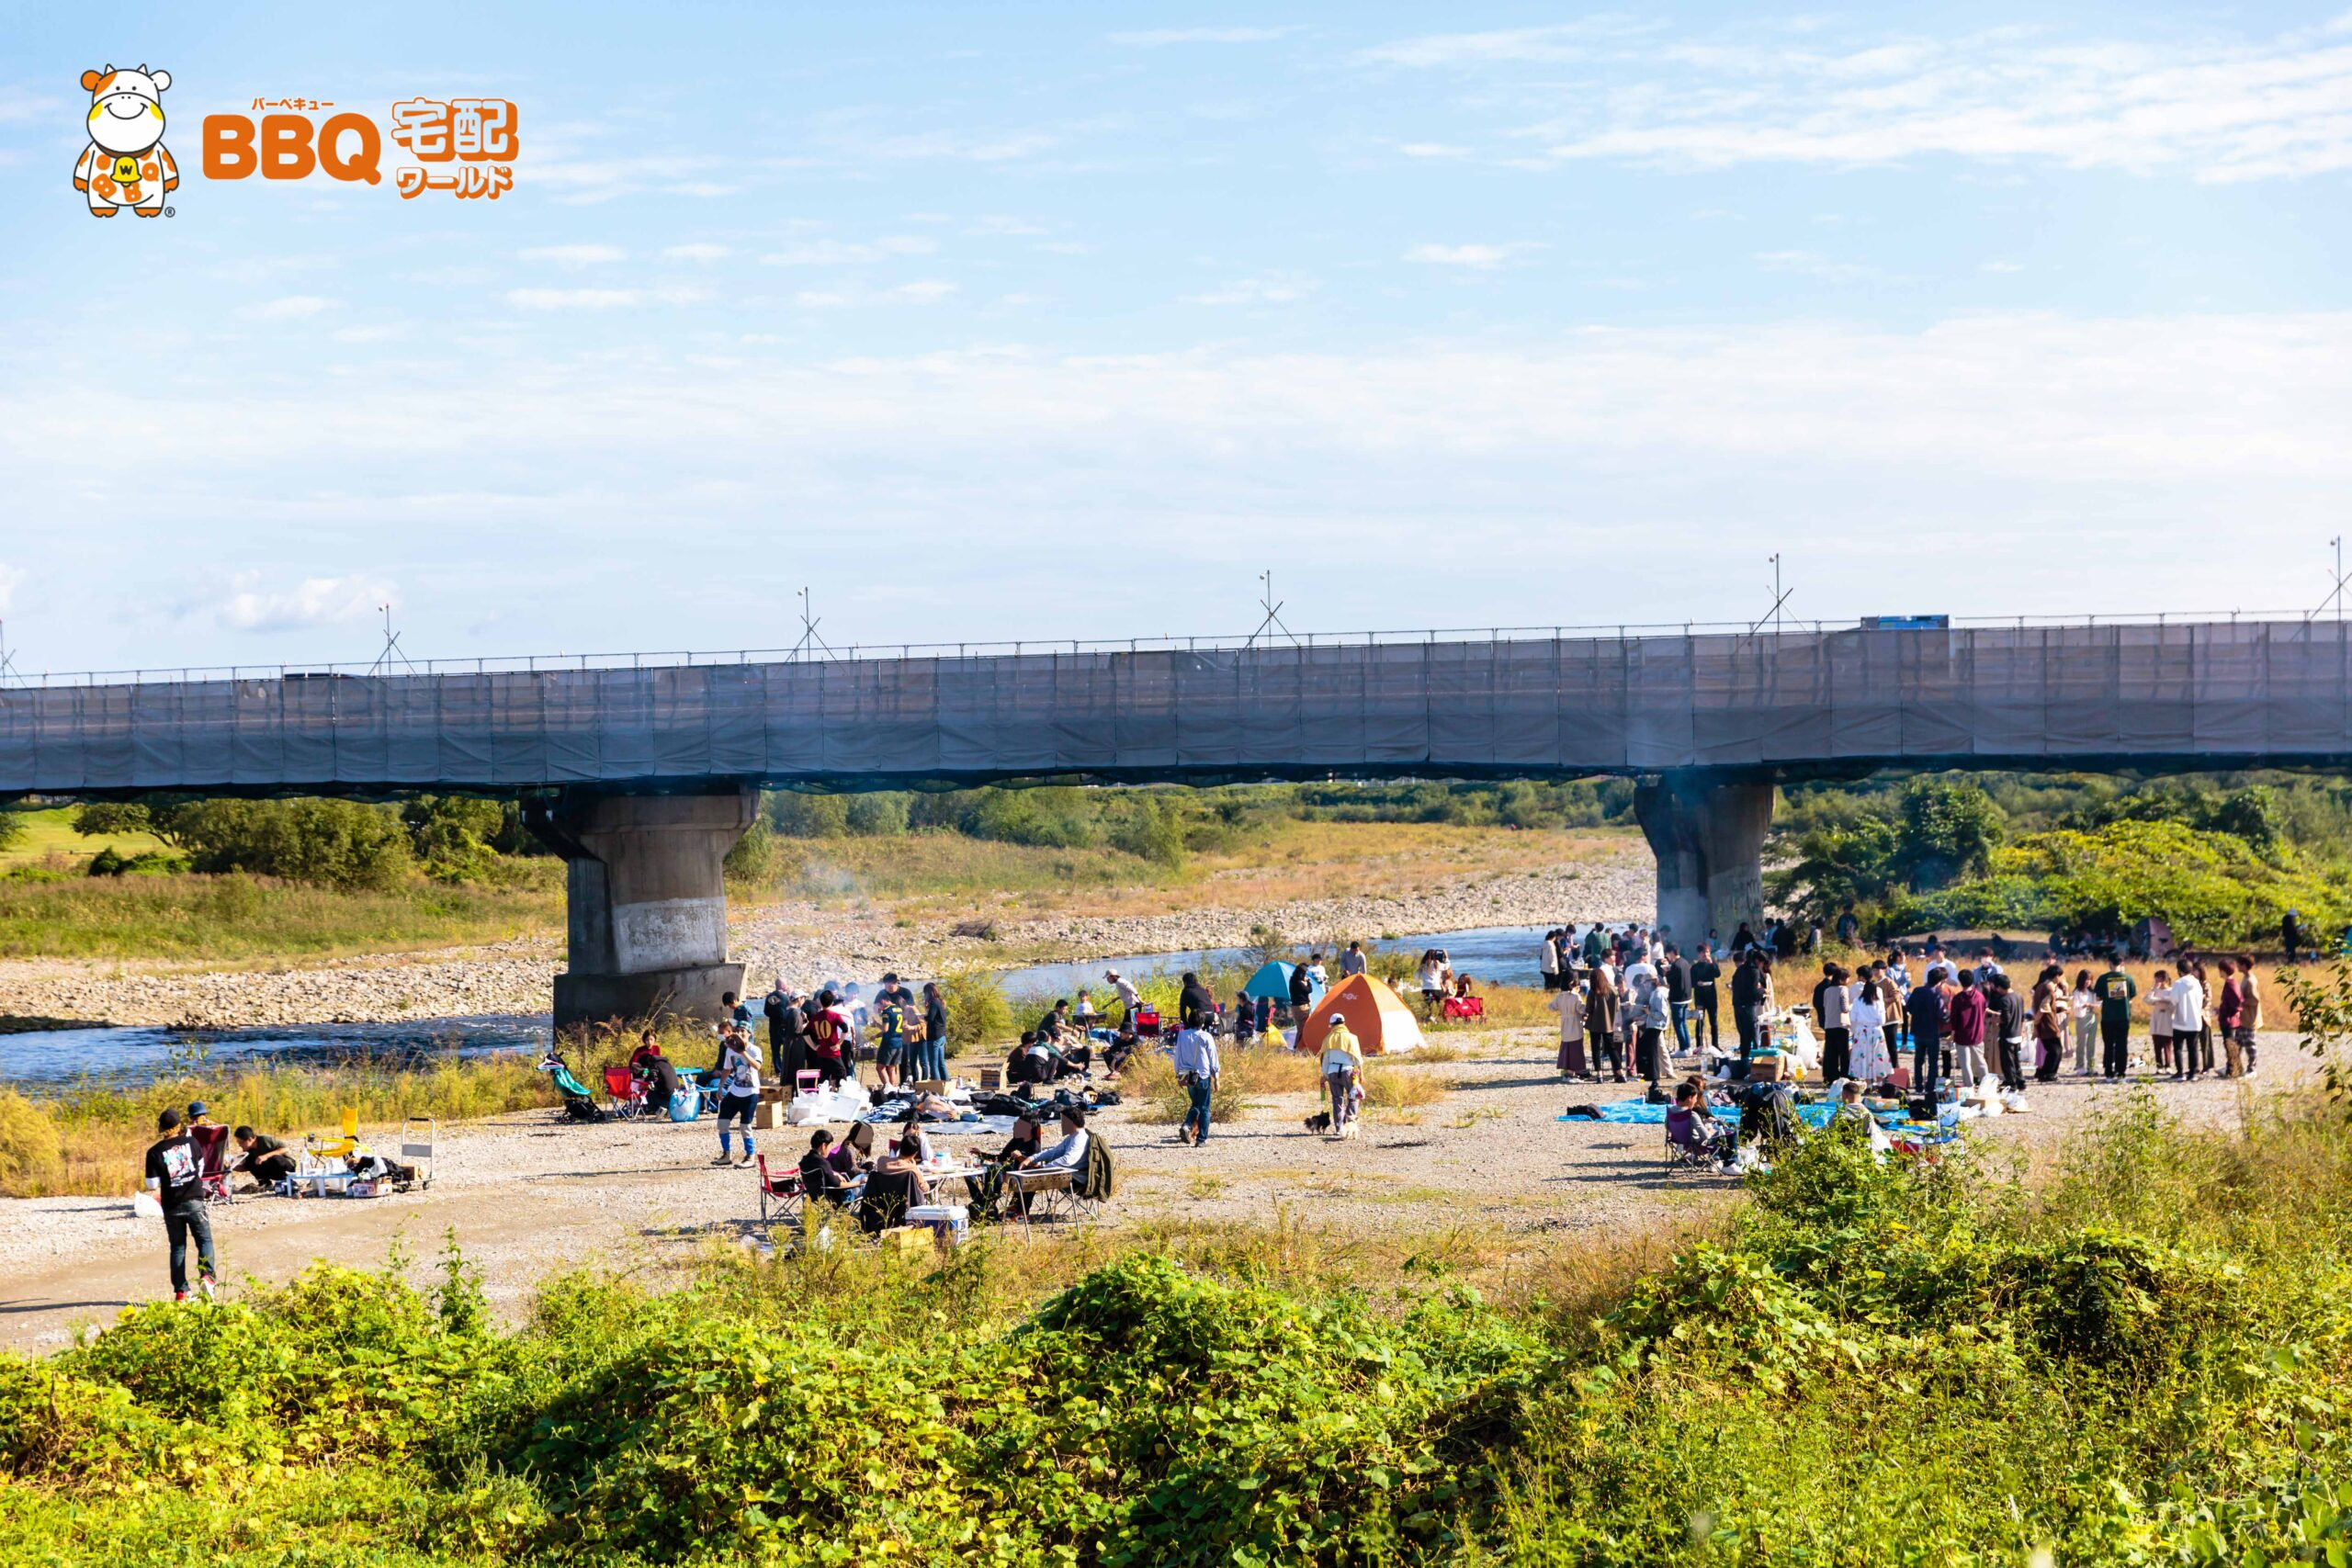 2020年10月松尾橋BBQの様子1